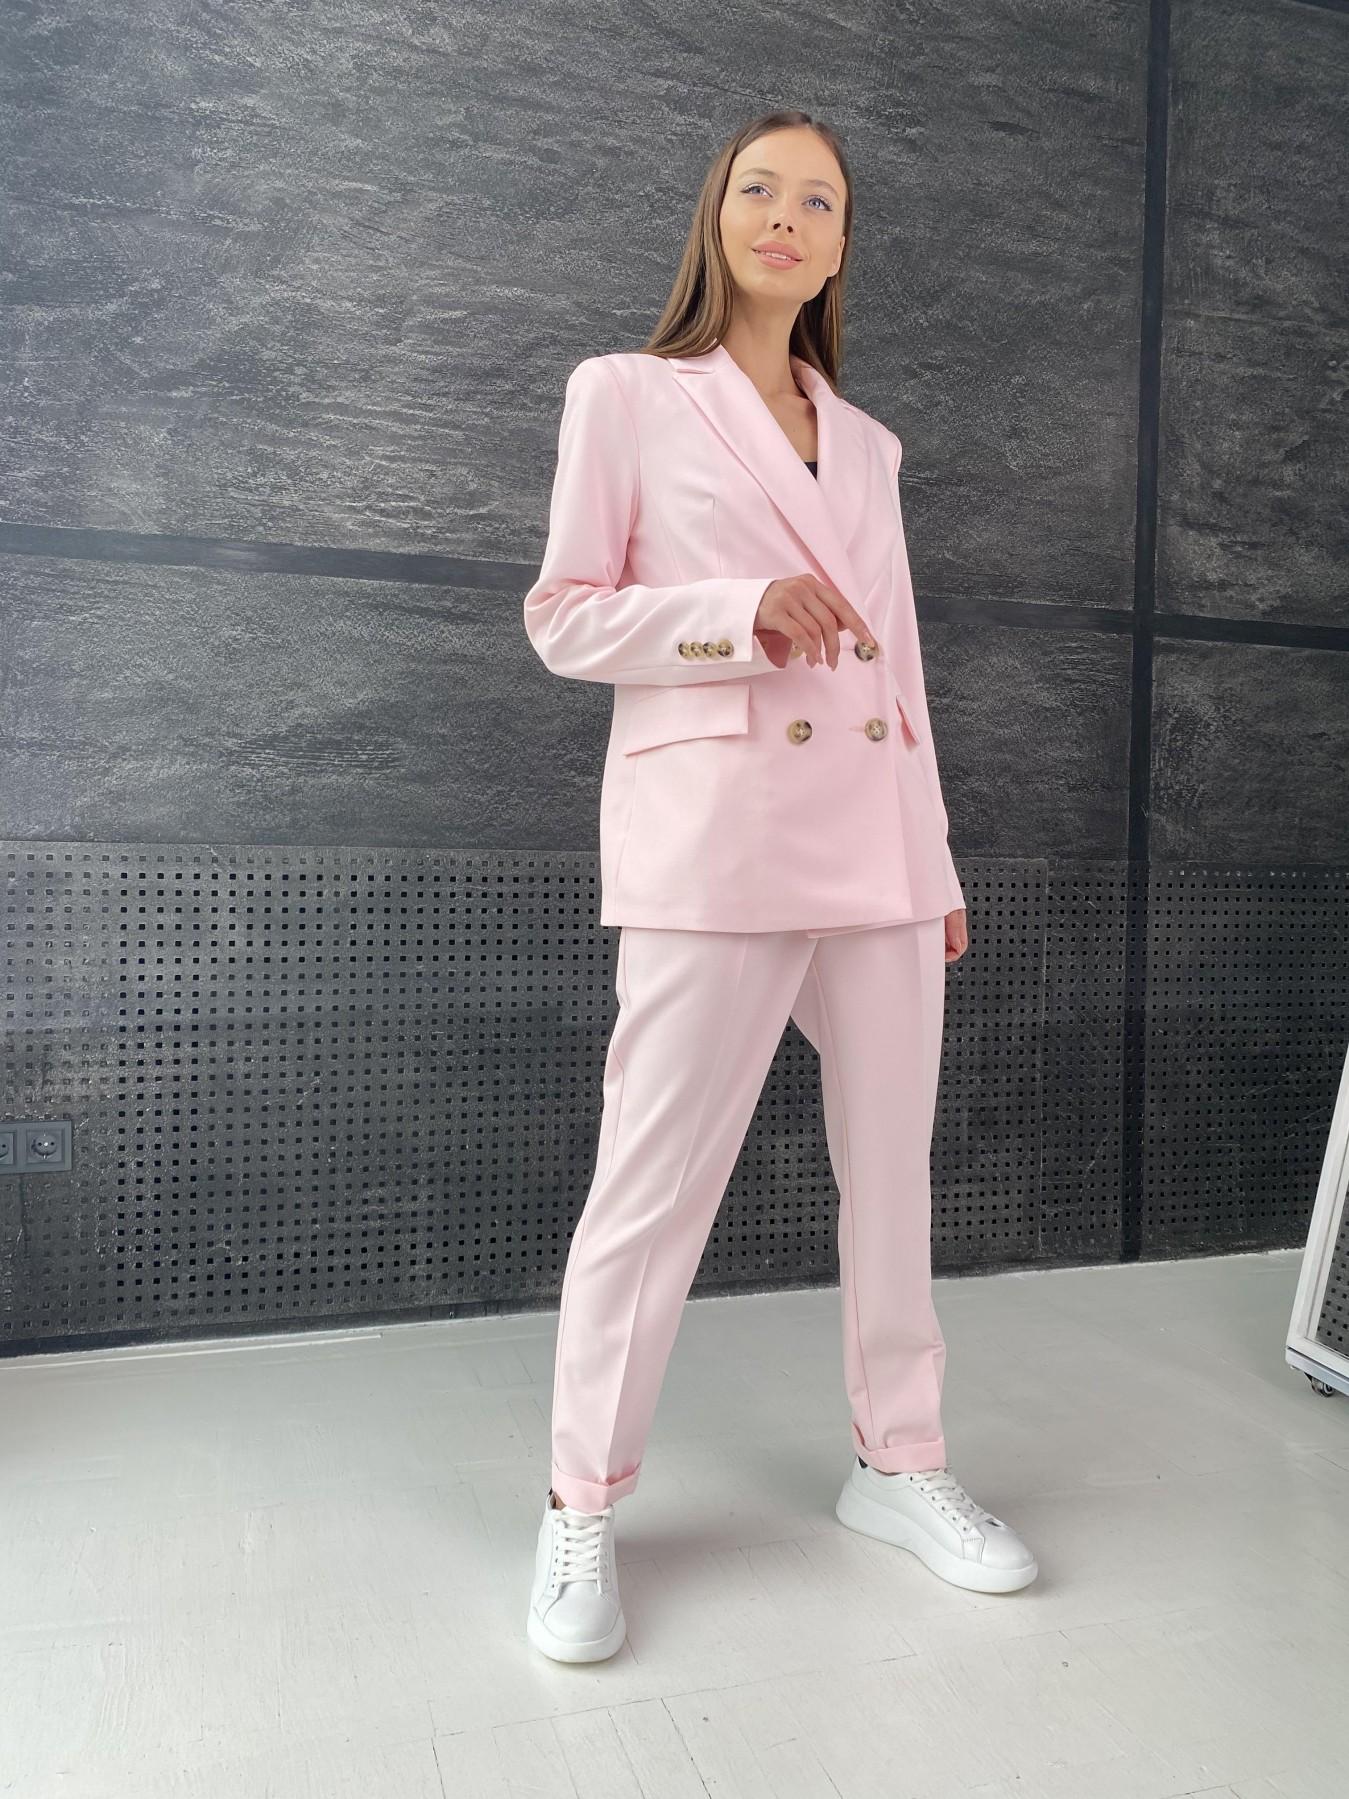 Франко костюм стрейчевый из костюмной ткани 11090 АРТ. 47977 Цвет: Розовый - фото 3, интернет магазин tm-modus.ru